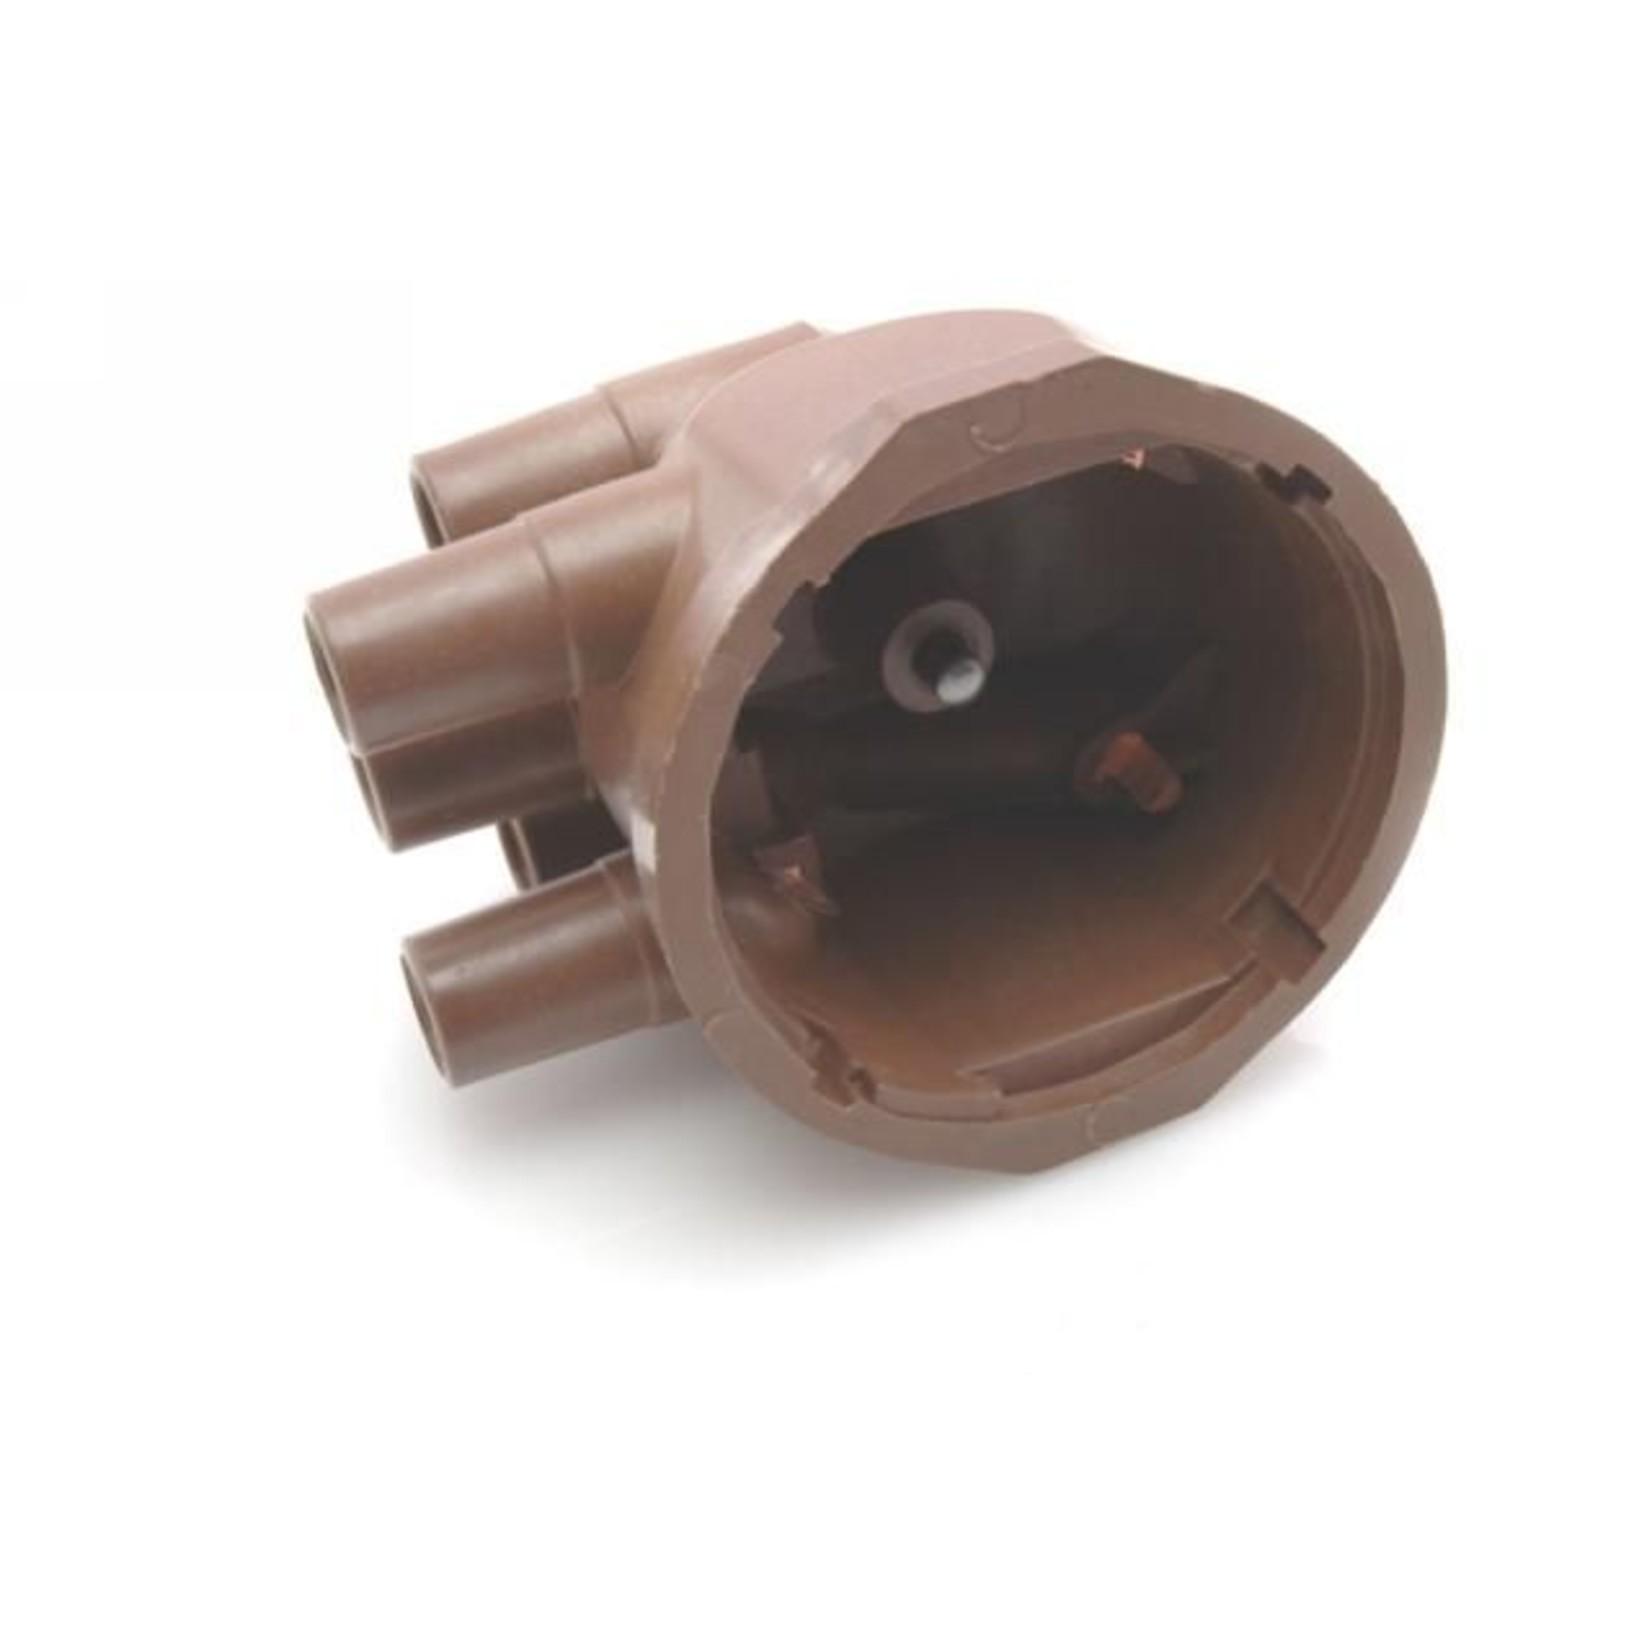 Cabeza de encendedor salida horizontal Ducellier Nr Org: 75520155